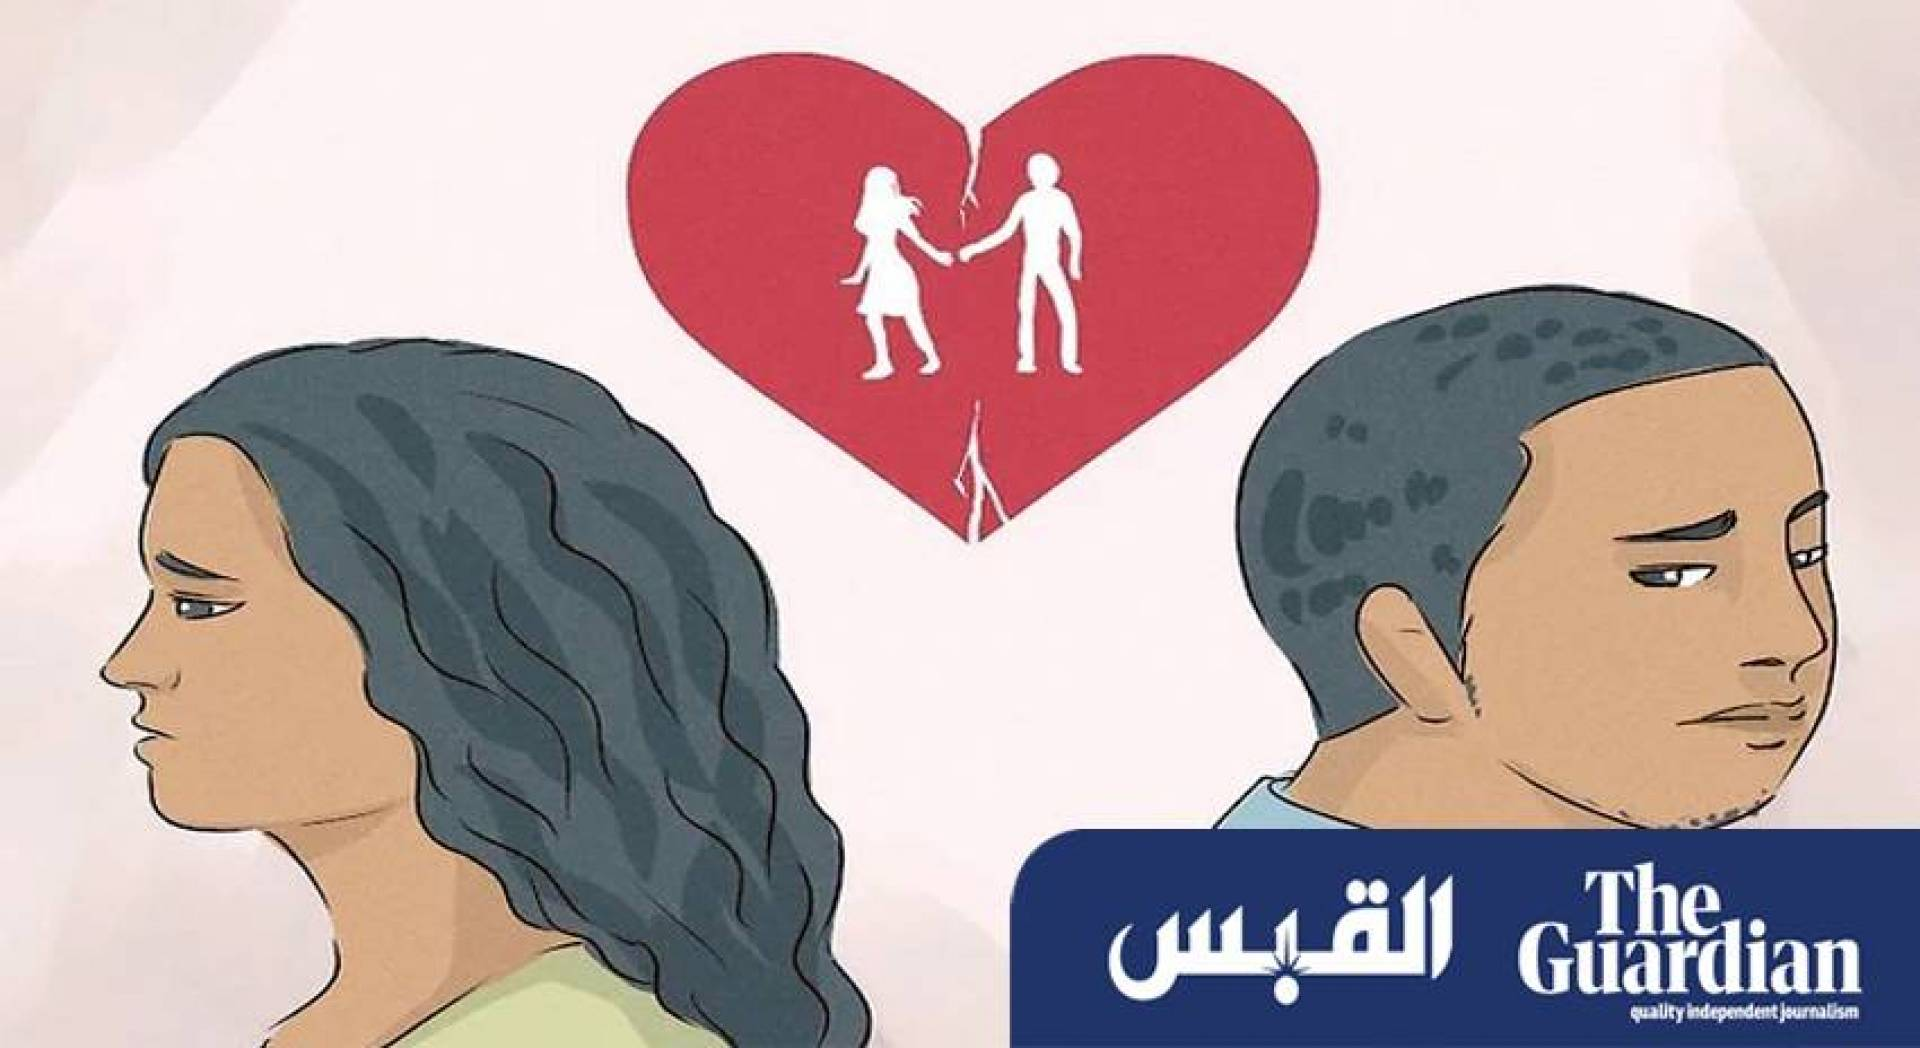 زوجي ليس حنوناً ولا يقول لي كلمة حب.. فكيف أتصرف؟